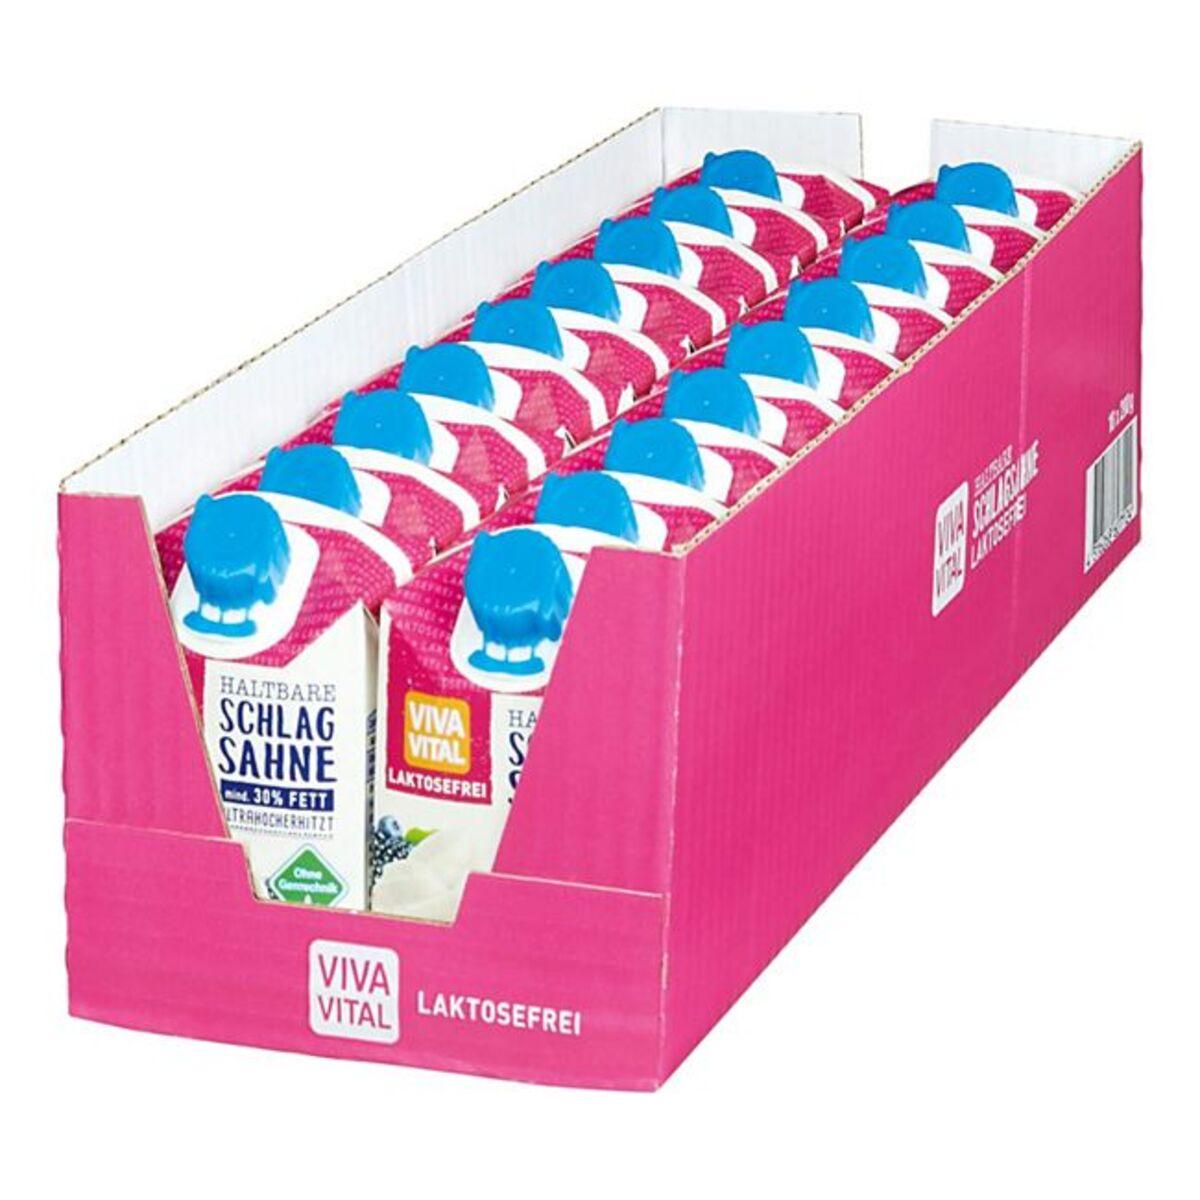 Bild 1 von Viva Vital Laktosefreie H-Schlagsahne 30% Fett 200 g, 18er Pack